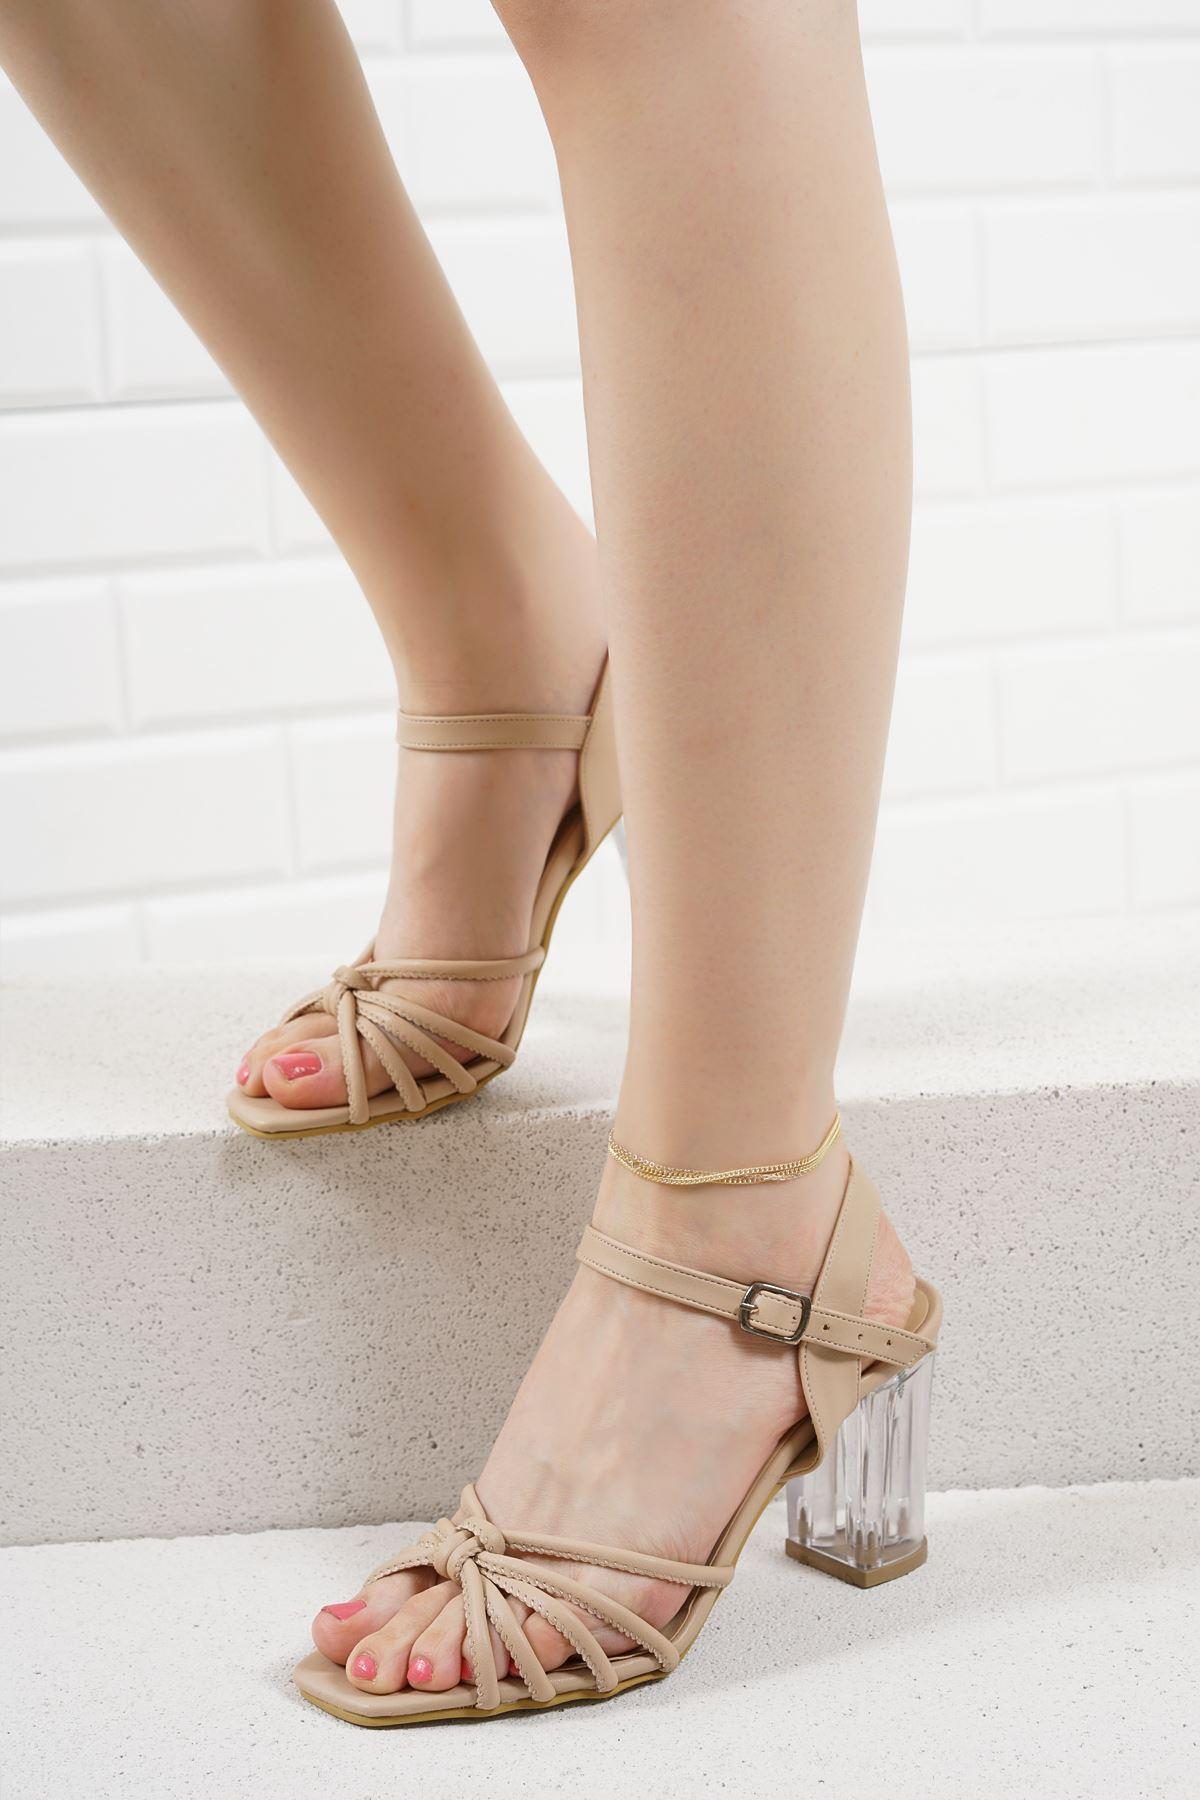 Nicole Vizon Mat Deri Kadın Topuklu Ayakkabı